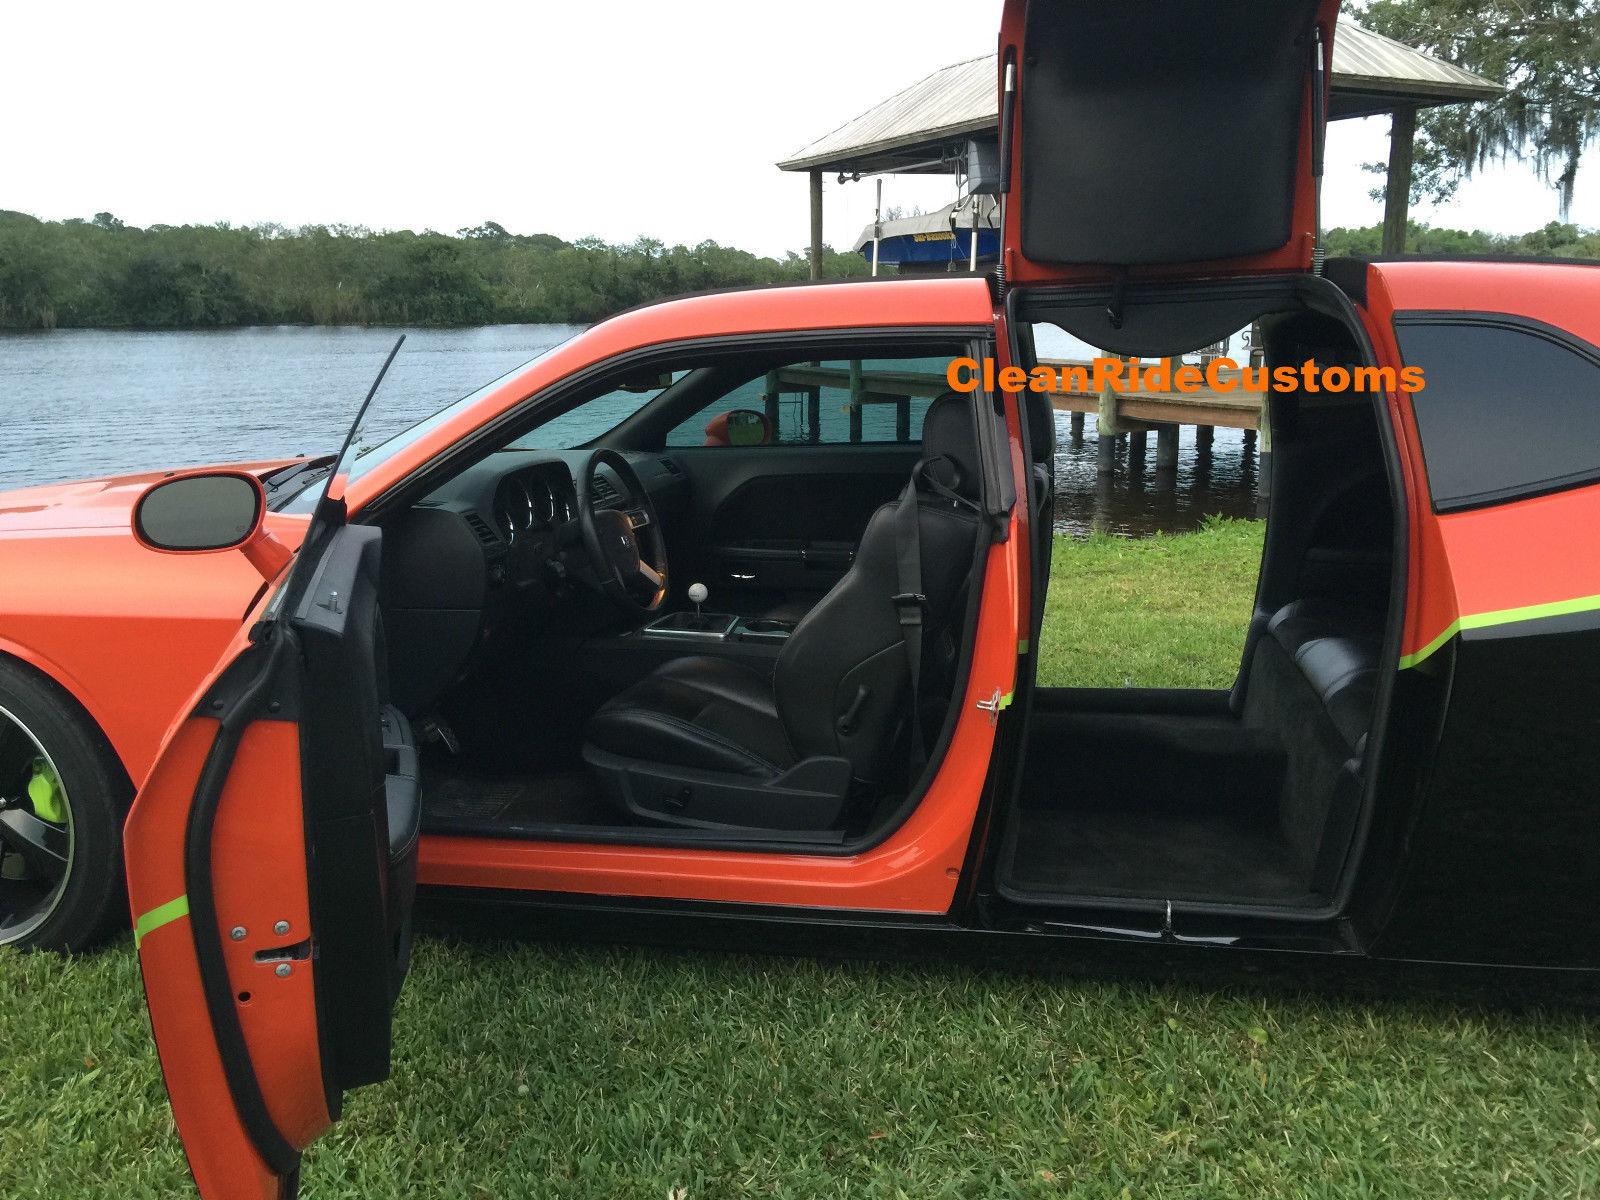 ... Four-Door Dodge Challenger SRT8   ... & Four-Door Dodge Challenger SRT8 Has Rear Gullwing Doors for Sale ... pezcame.com